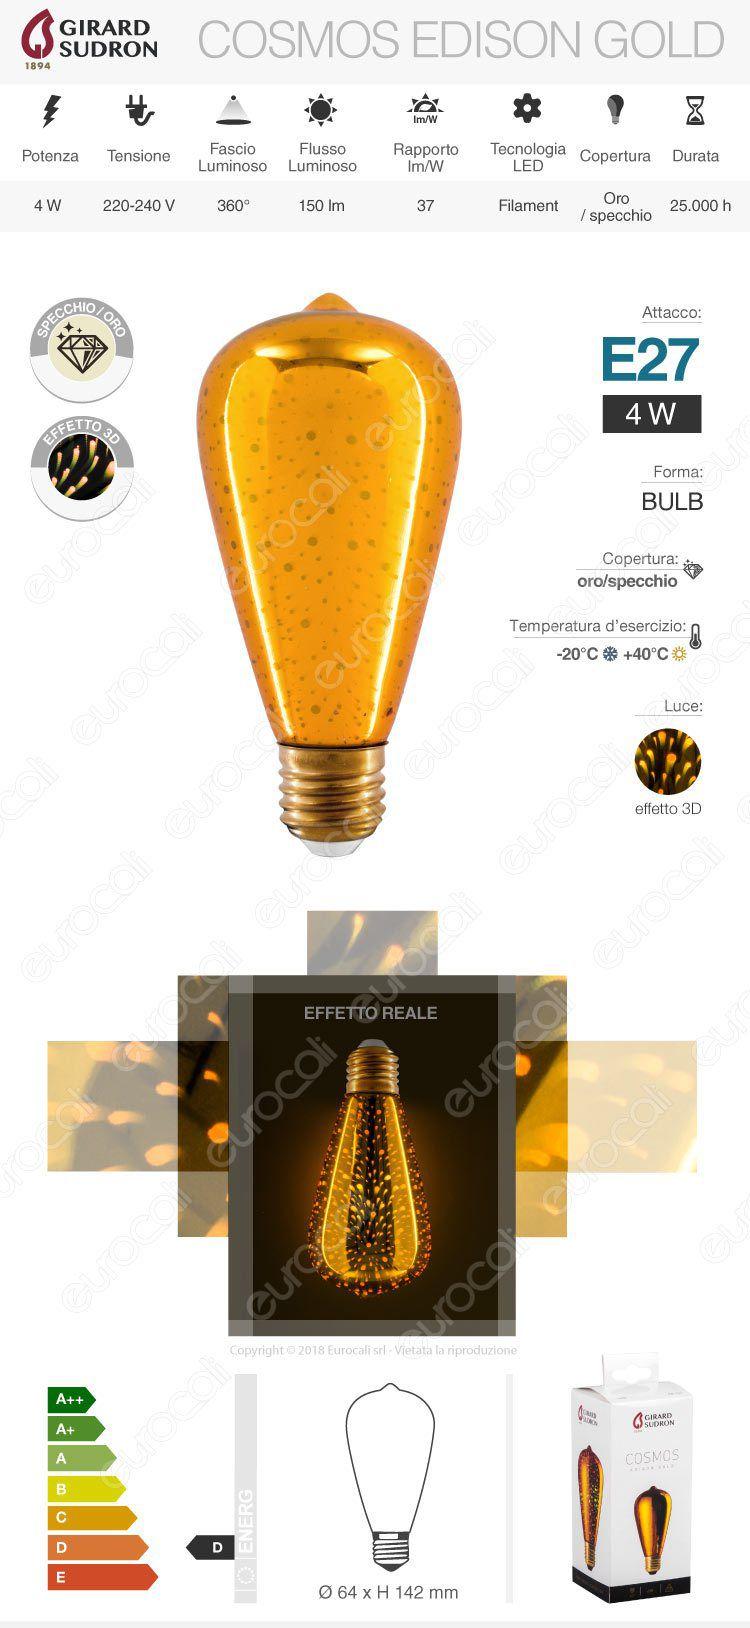 lampada led e27 girard sudron 3d